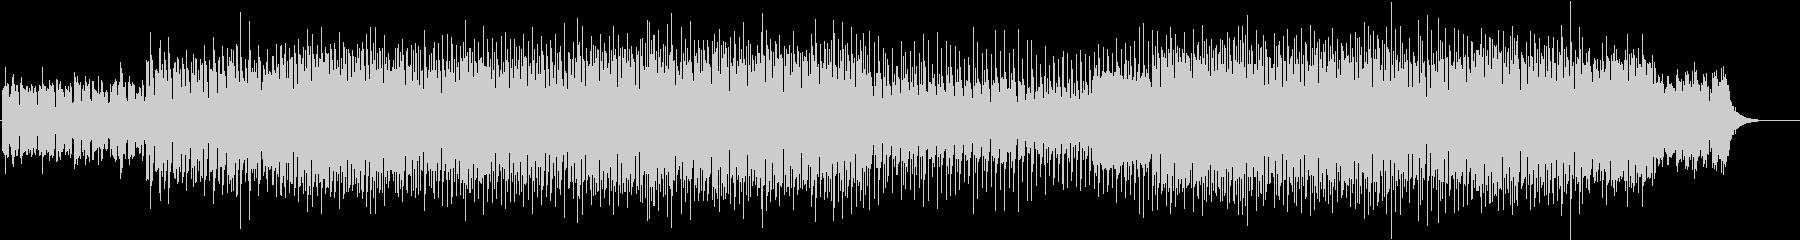 不穏な雰囲気のテクノBGMの未再生の波形